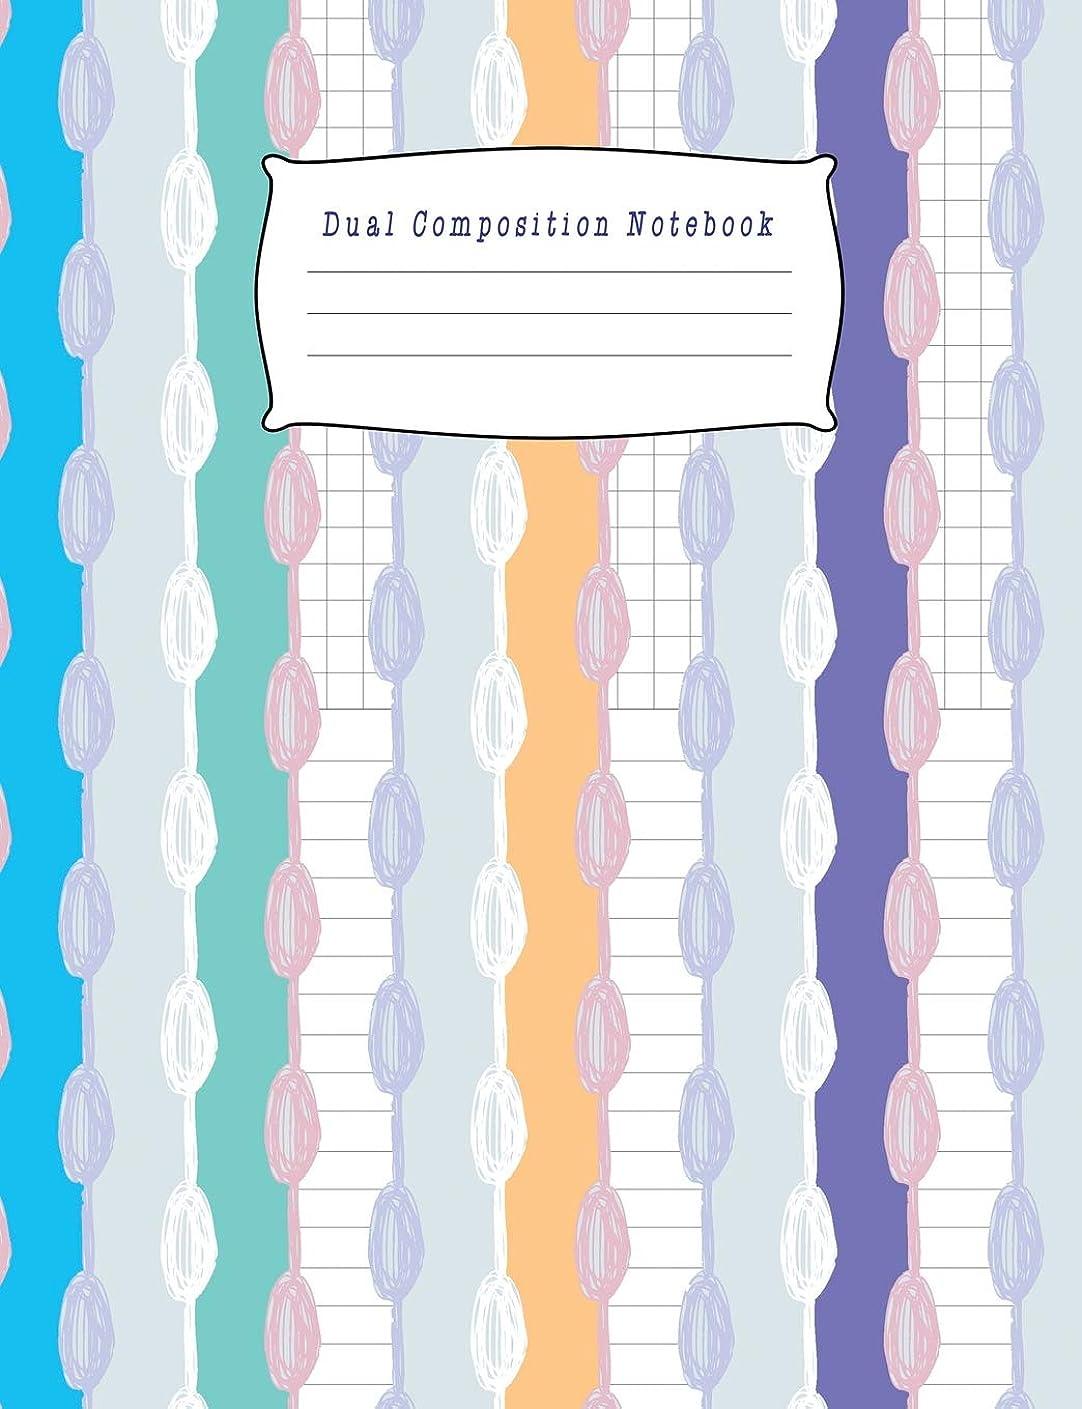 アンプ著名な強いますDual Composition Notebook: Half College Ruled / Half Graph 4x4 mixed paper styles on one sheet to get creative: Coordinate, grid, squared, math paper, for plot designs, craft projects, write accompanying notes, draw sketches, Diary Journ